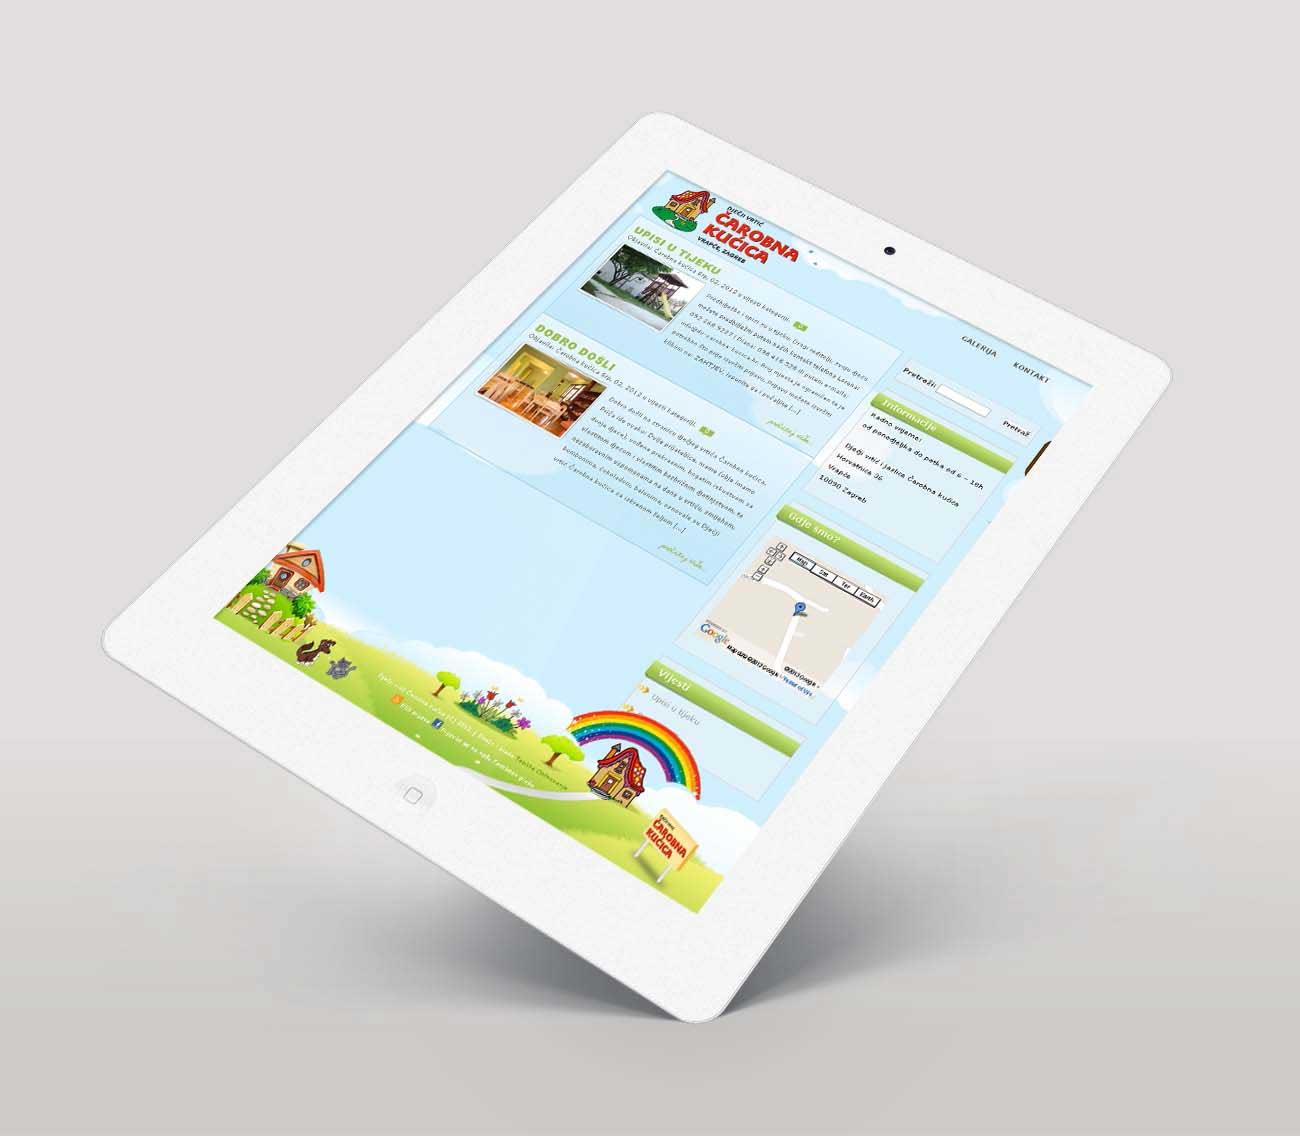 izrada stranice za dječji vrtić